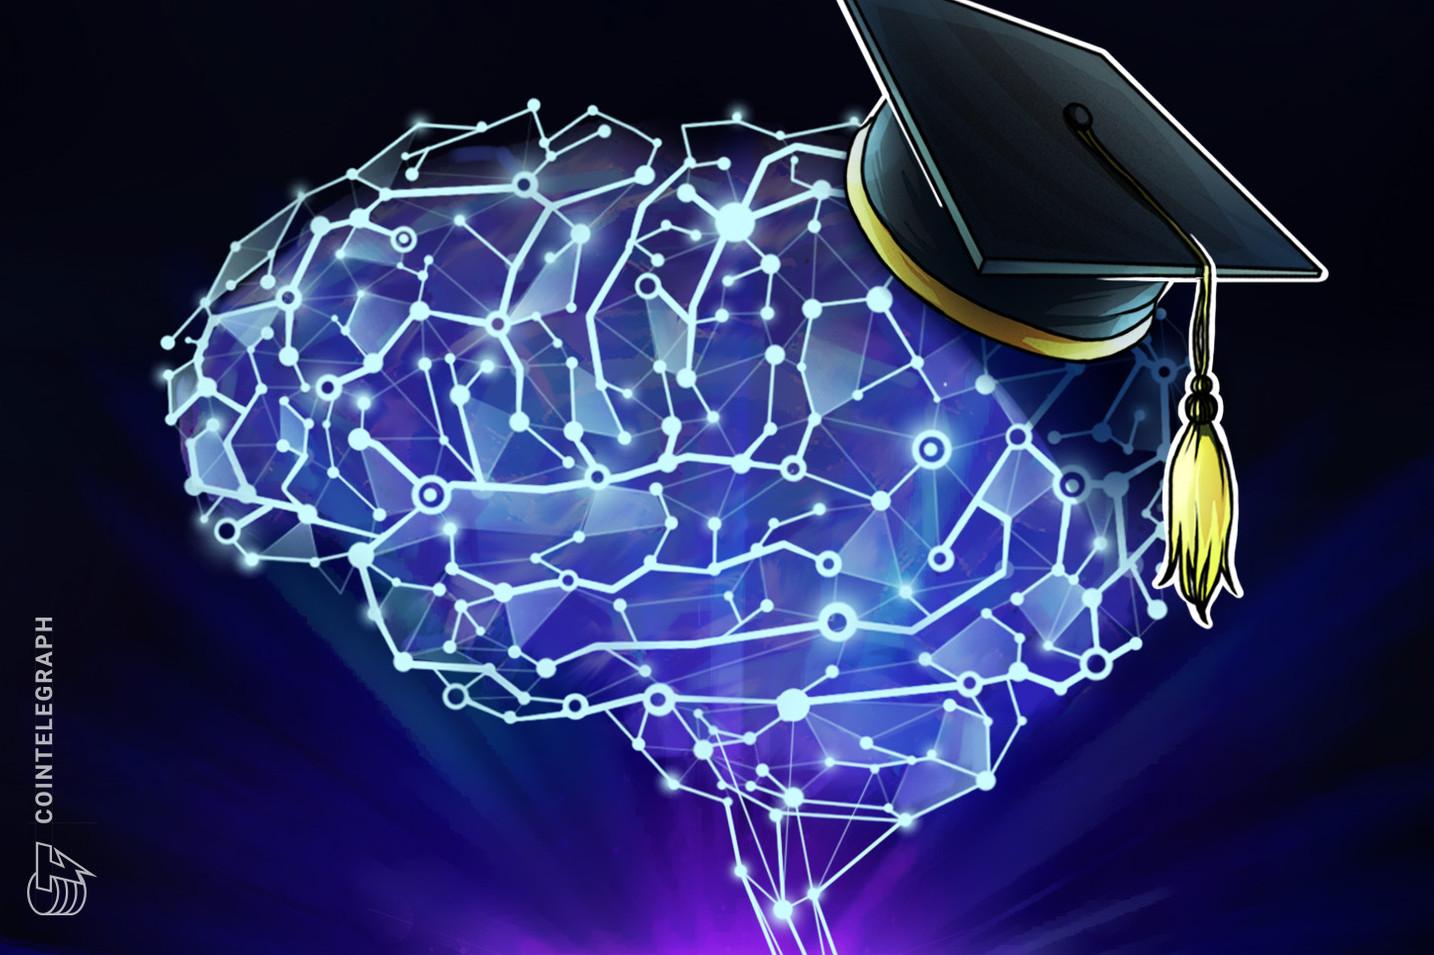 مدرستان ثانويتان إيطاليتان تخططان لإصدار دبلومات رقمية مع بلوكتشين